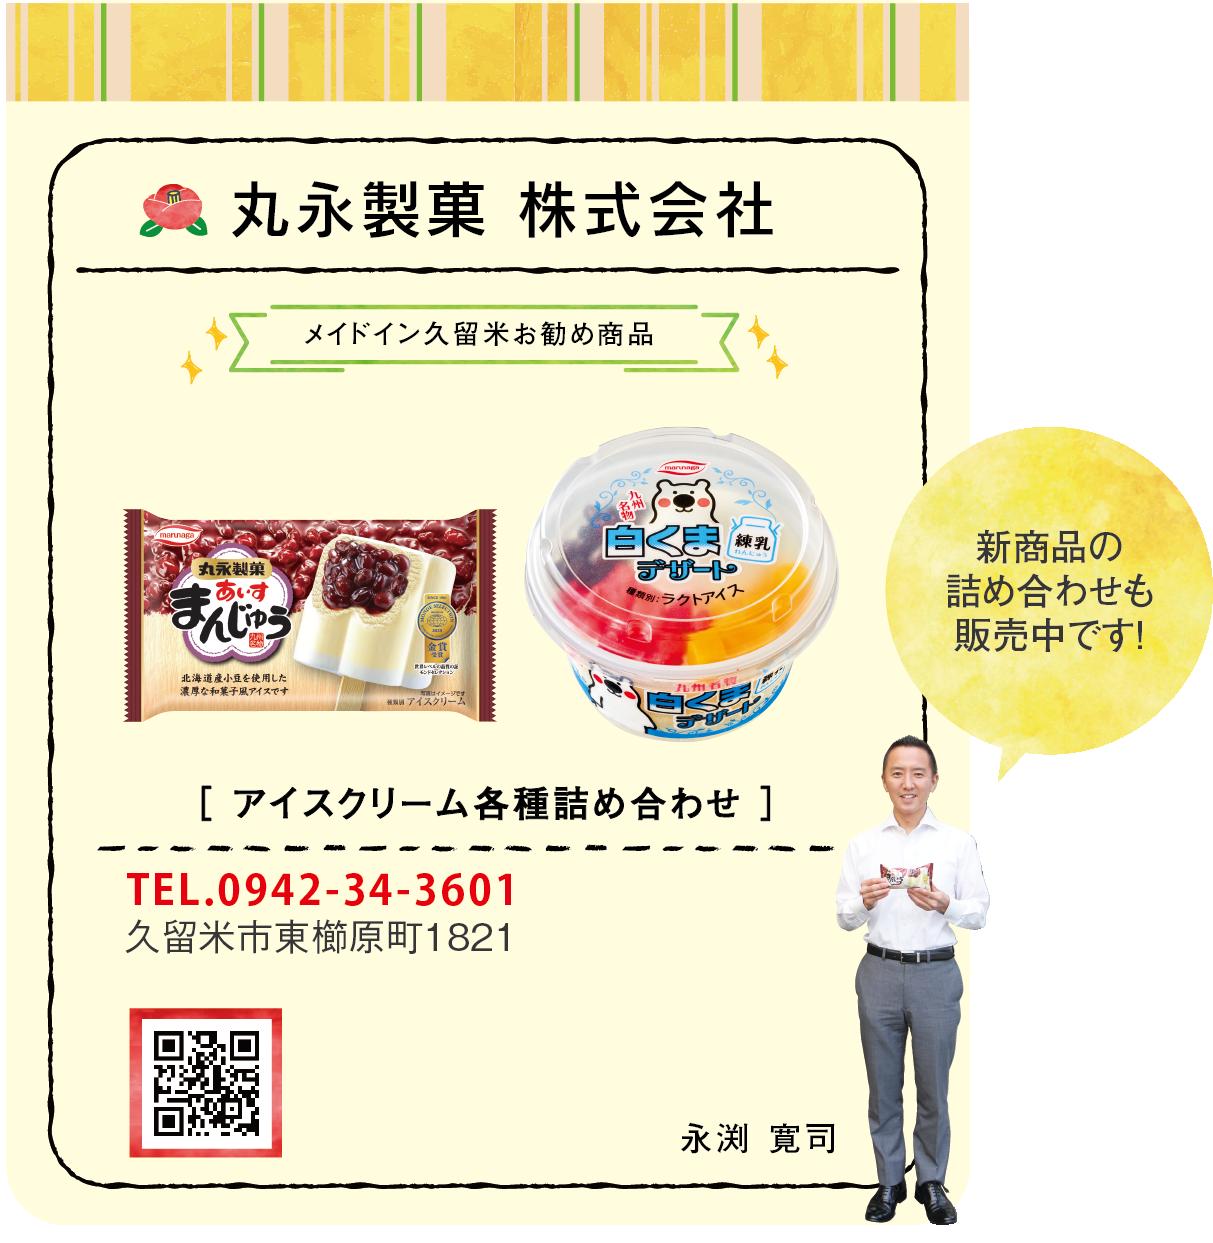 丸永製菓 株式会社